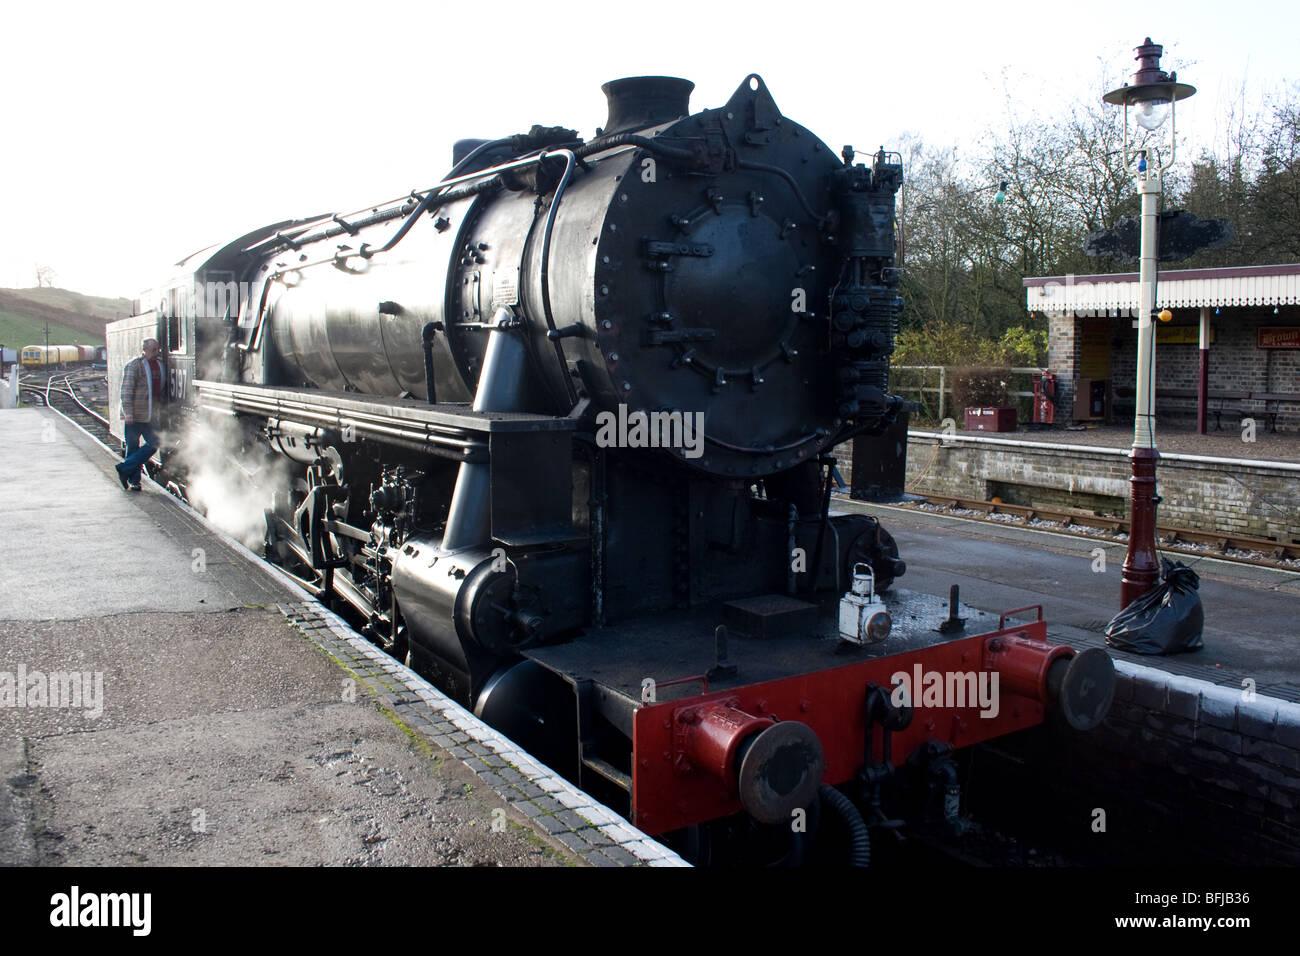 Lima USATC locomotive at Cheddleton railway station - Stock Image